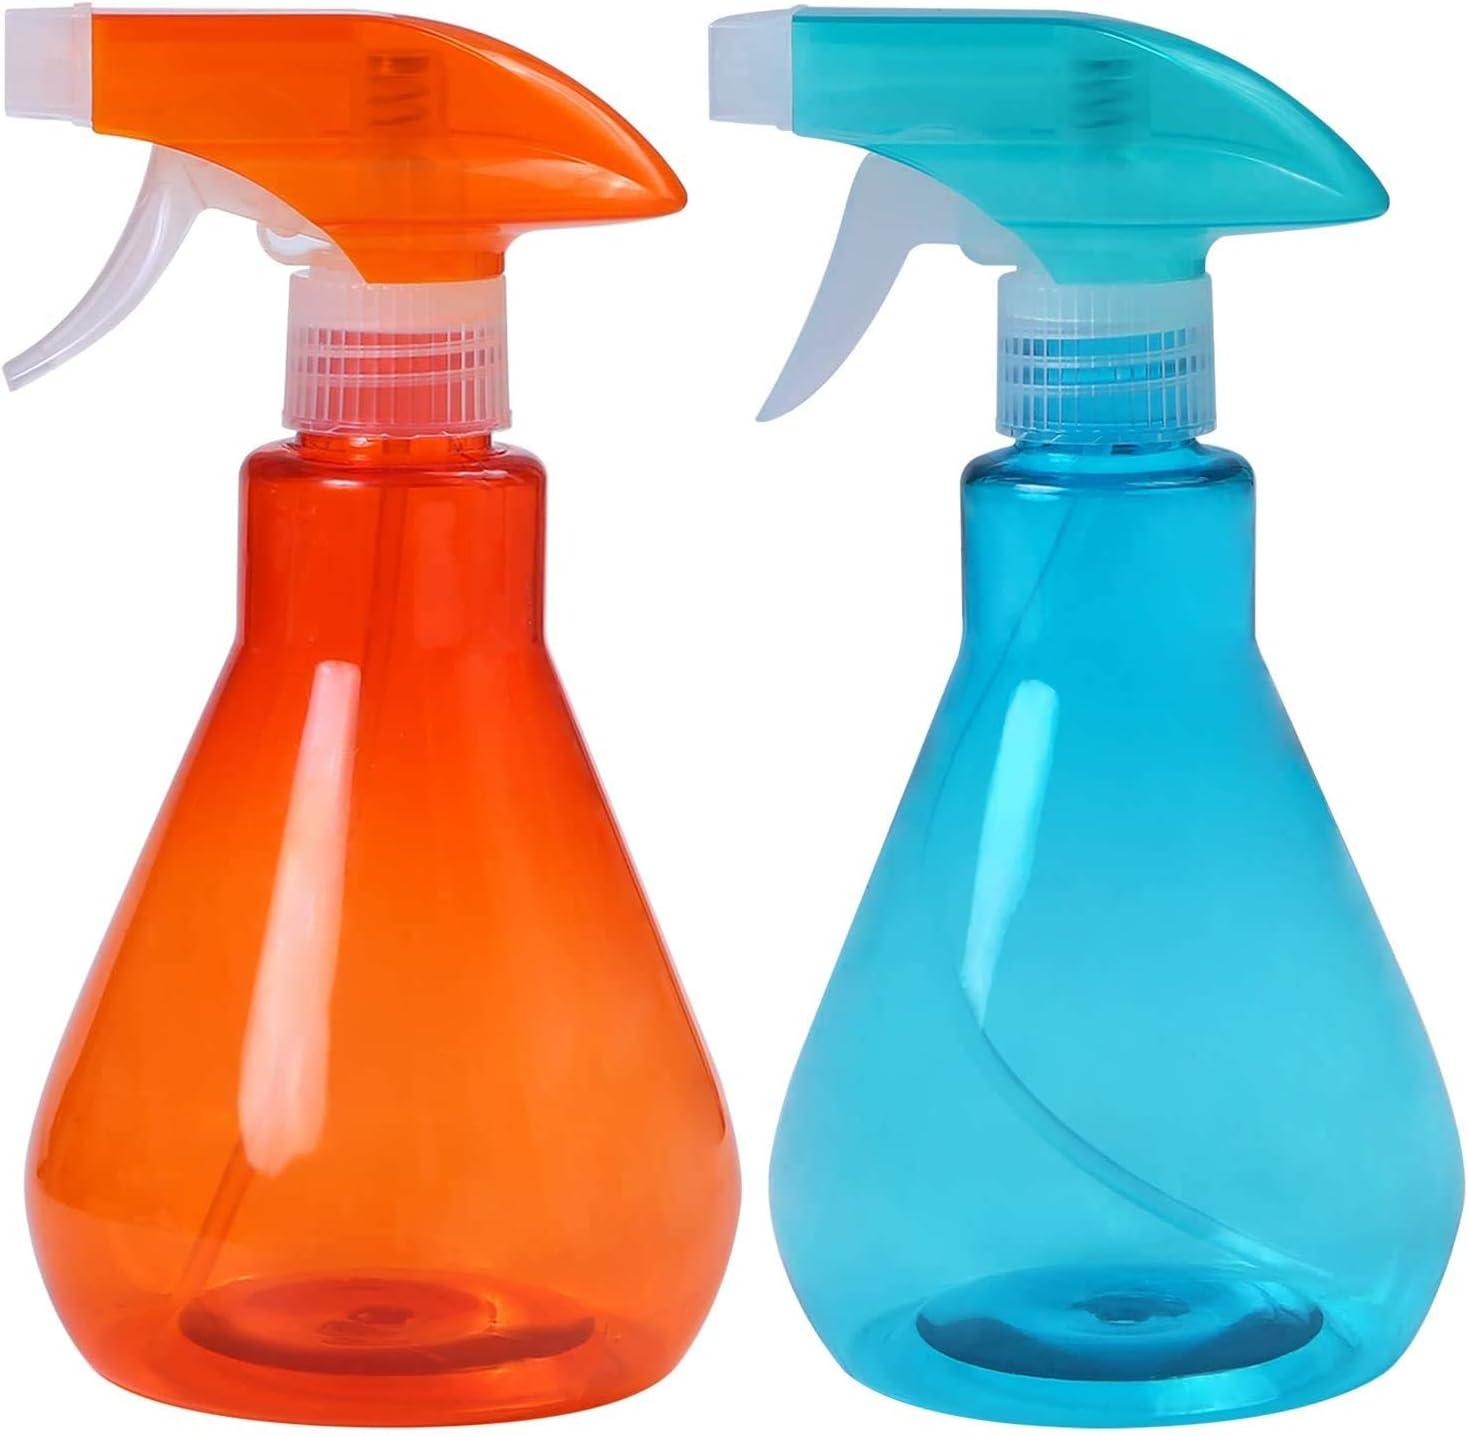 bleu + vert 500 ml PANGHU Bouteilles de pulv/érisation de brouillard 2 pi/èces Bouteilles en plastique vides D/éclencheur Pulv/érisateur pour le nettoyage le jardinage lalimentation